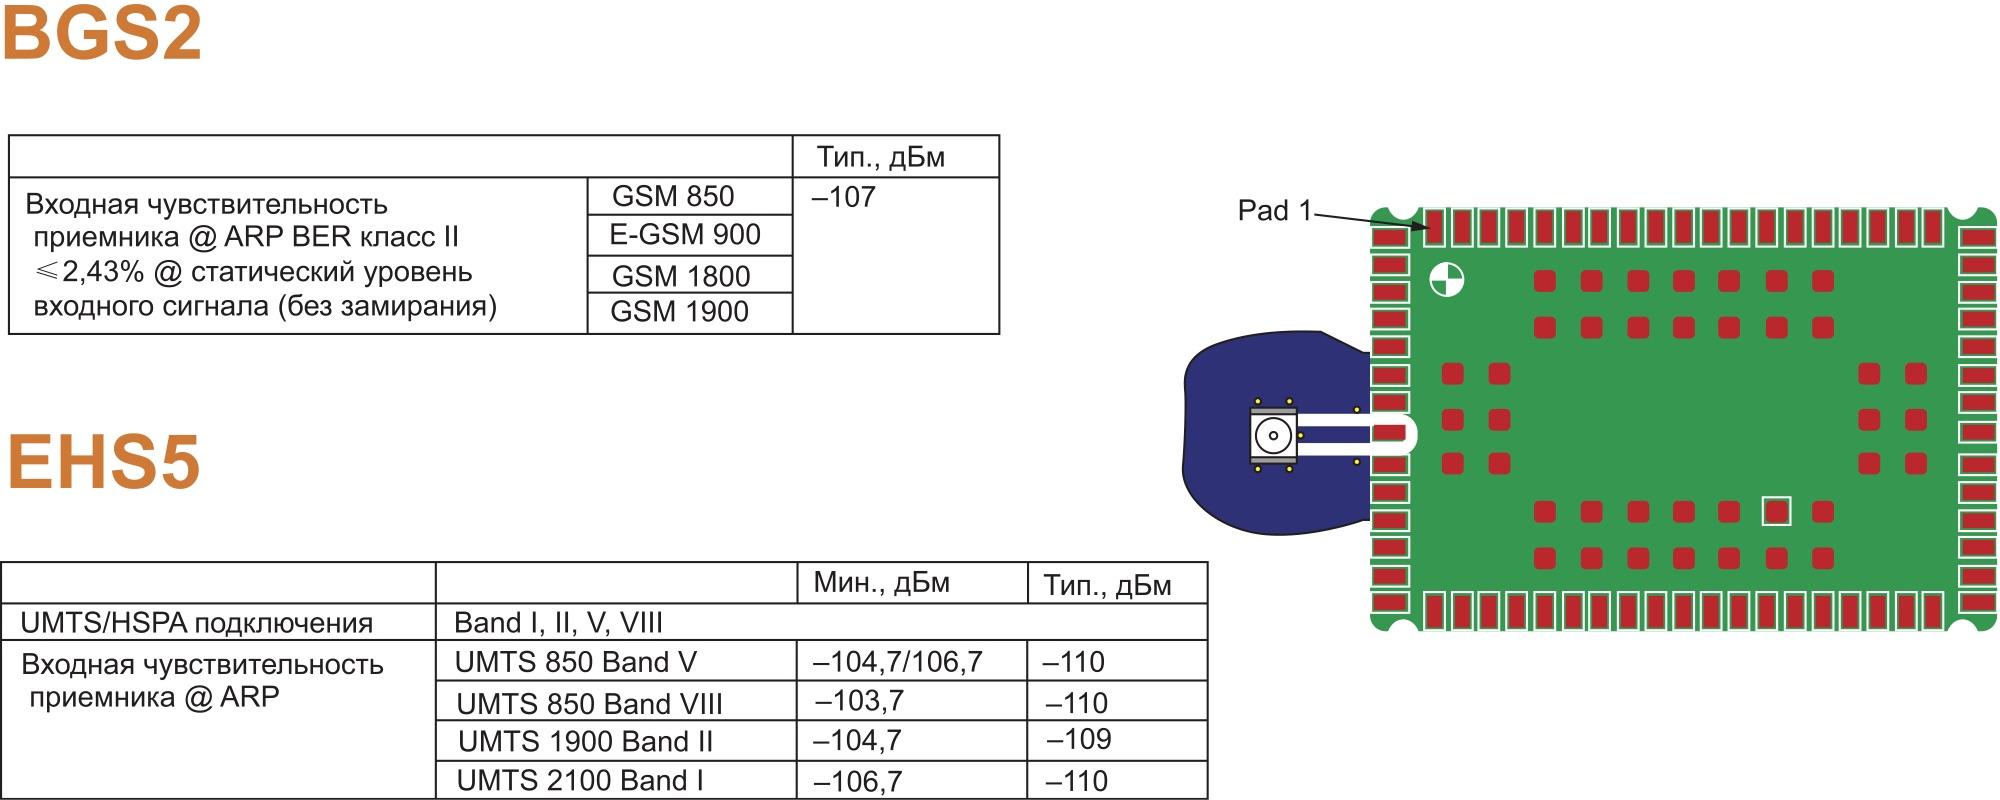 Сравнение интерфейсов антенны BGS2 и EHS5